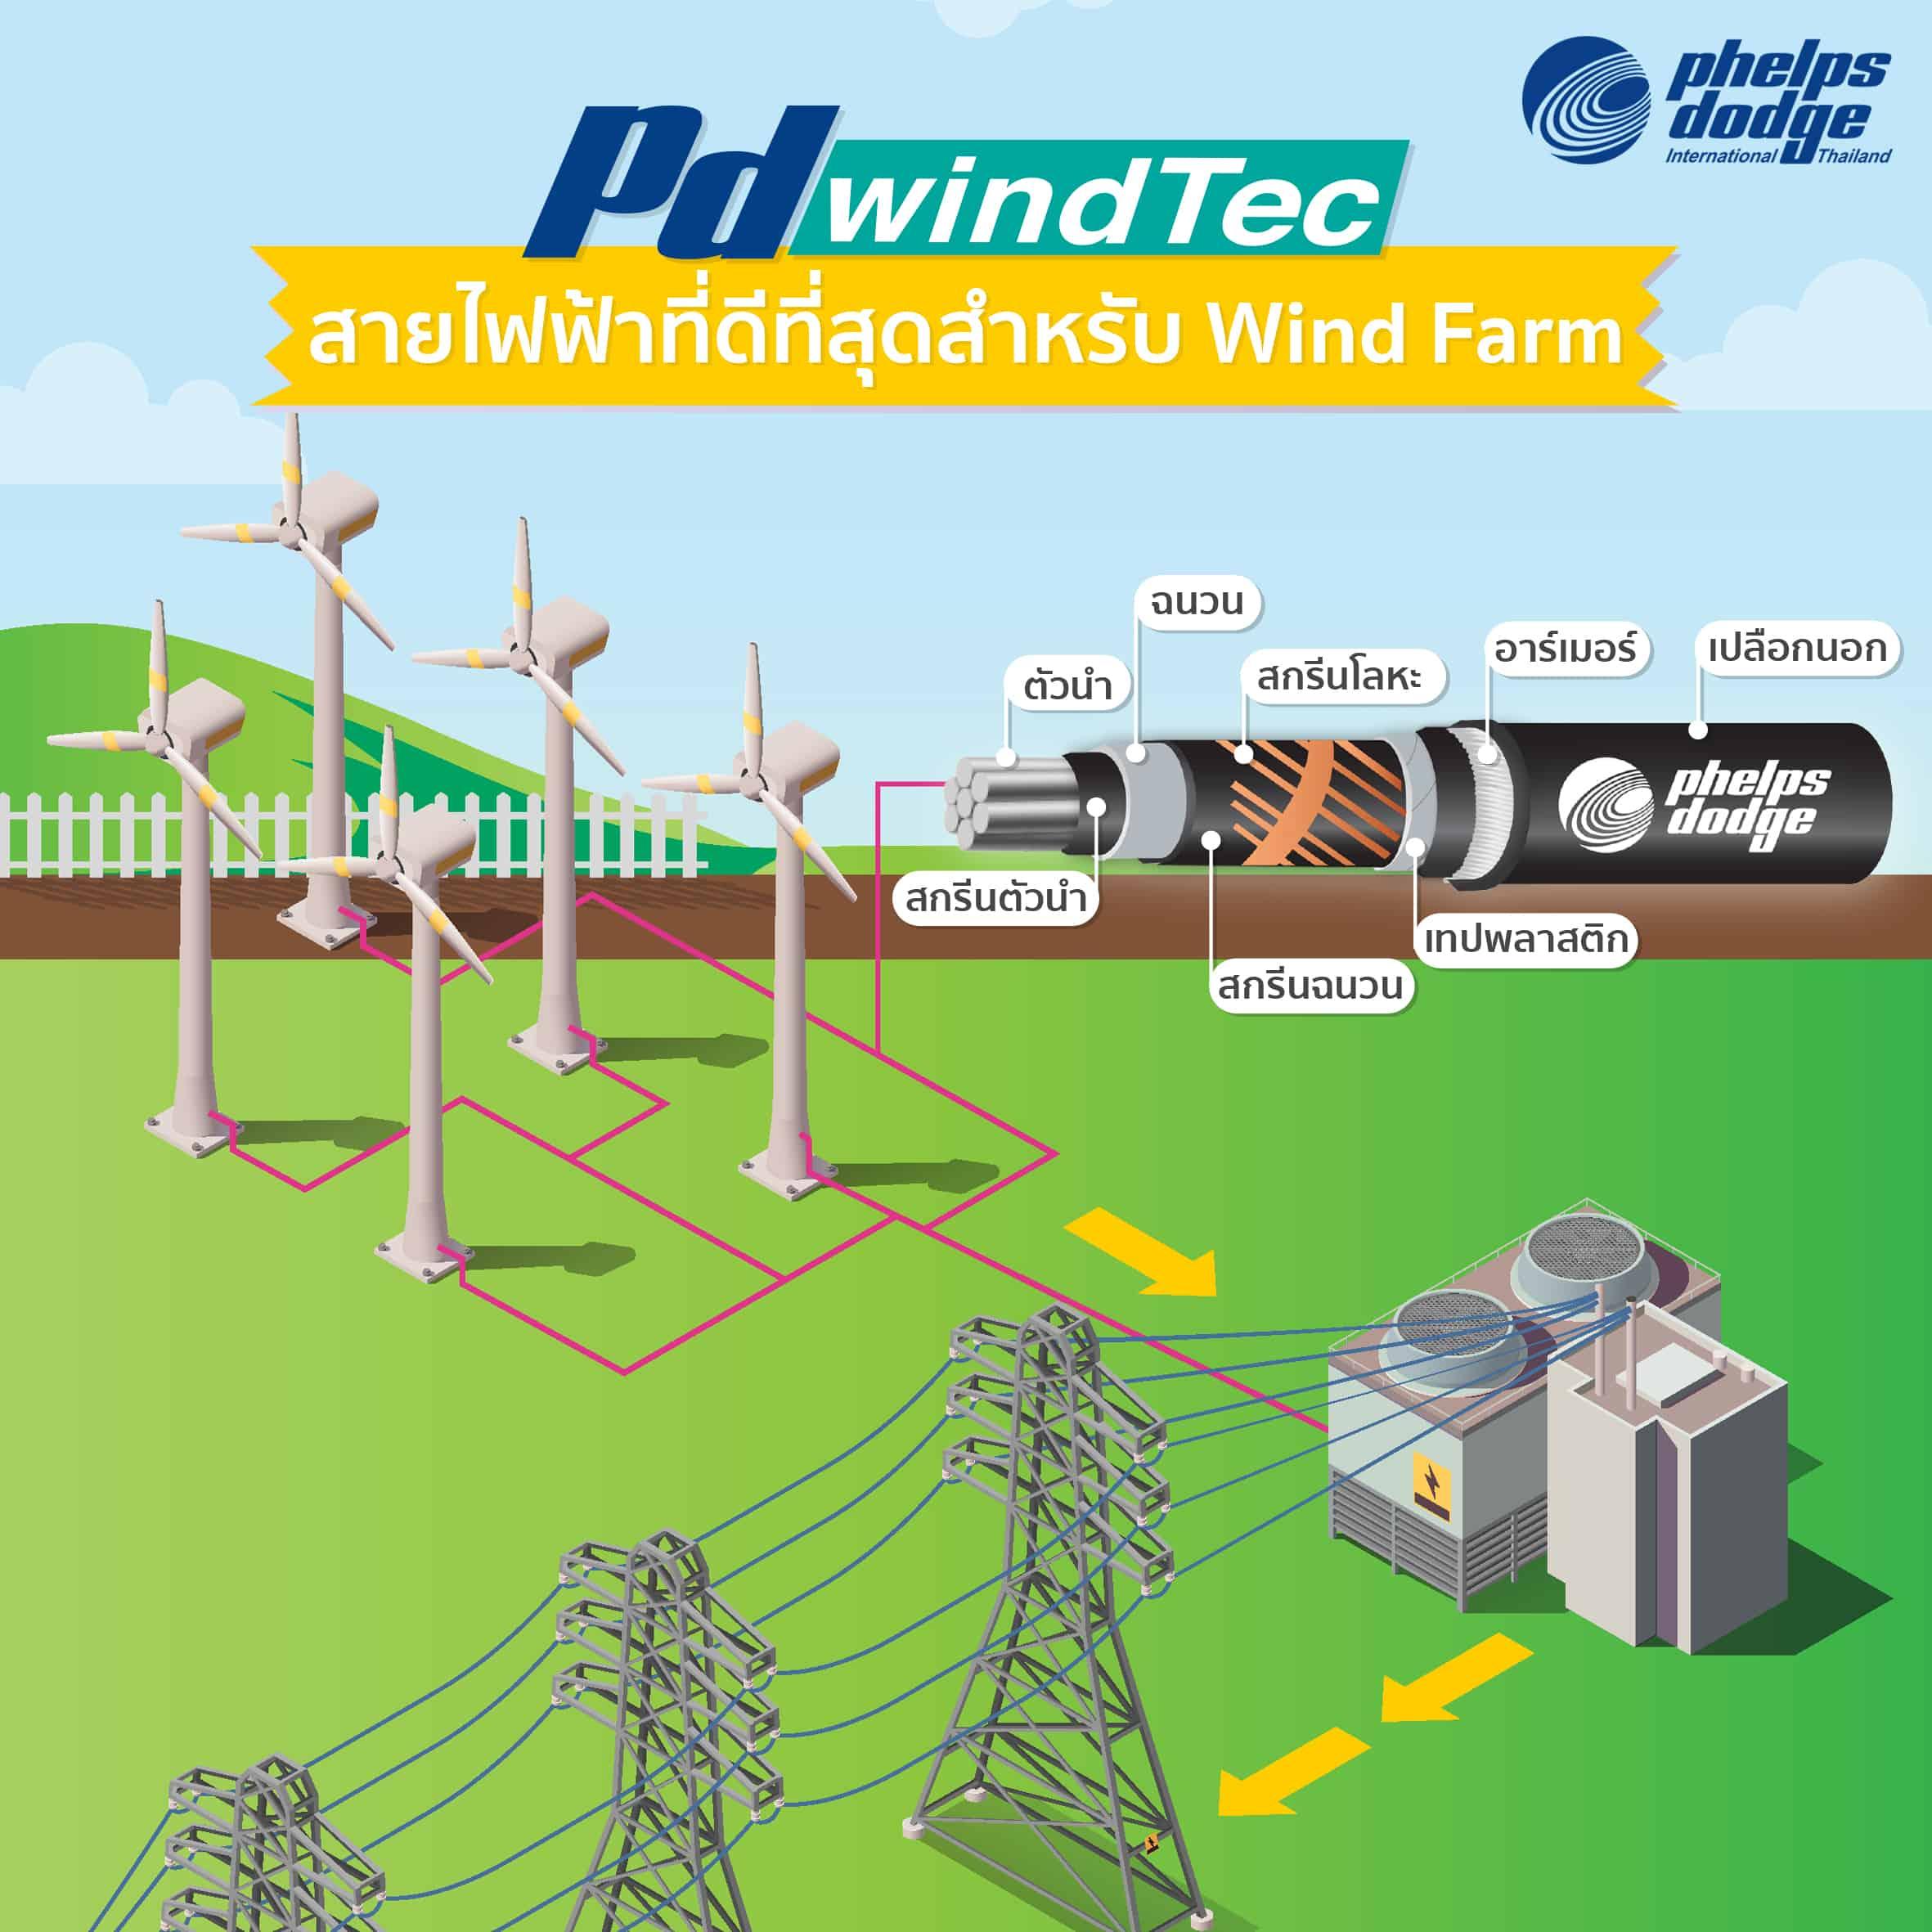 สายไฟฟ้าที่ดีที่สุดสำหรับระบบผลิตไฟฟ้าด้วยพลังงานลม (Wind Farm) จาก เฟ้ลปส์ ดอด์จ